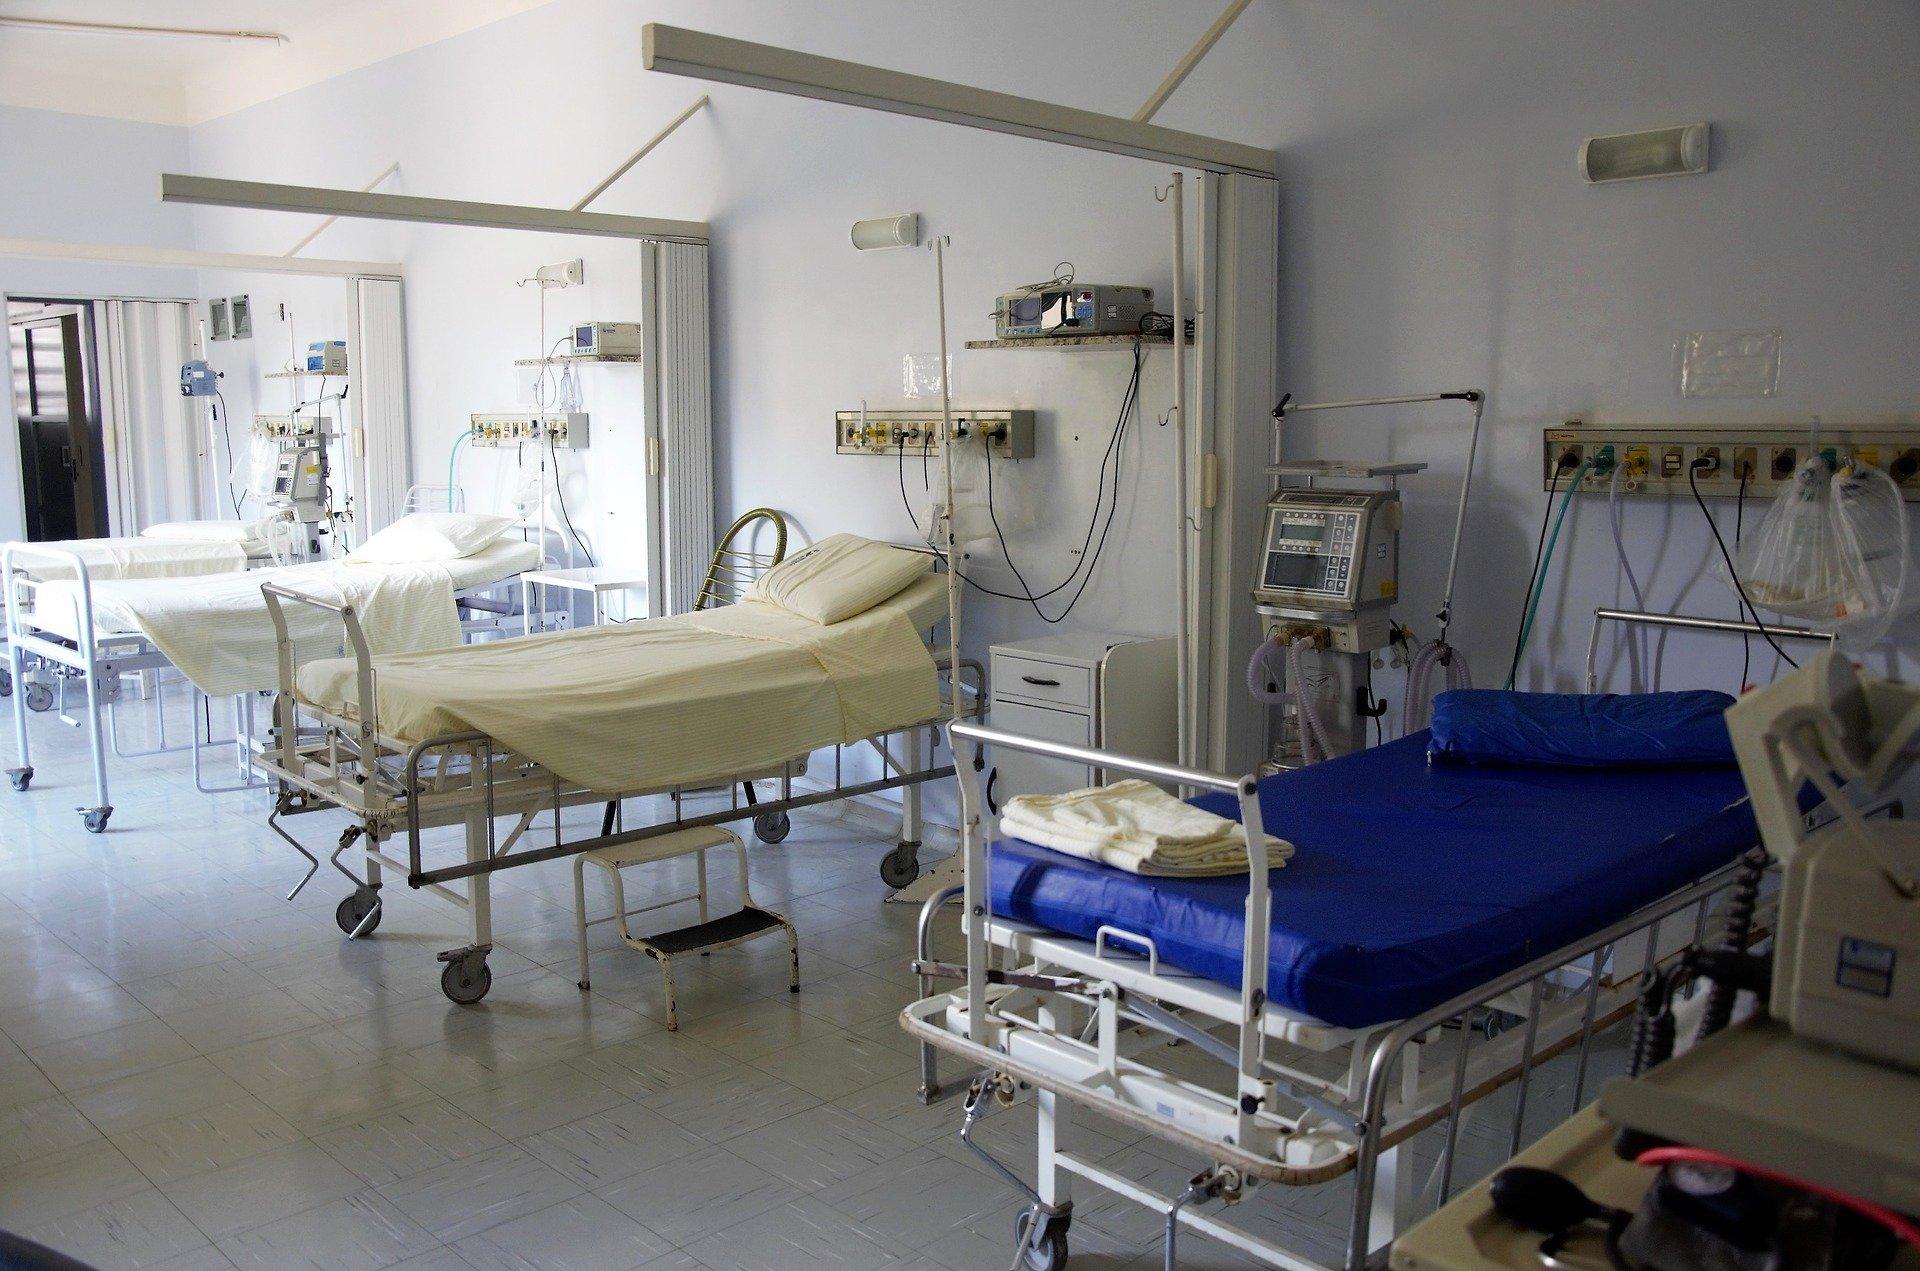 edwards & hill medical furniture